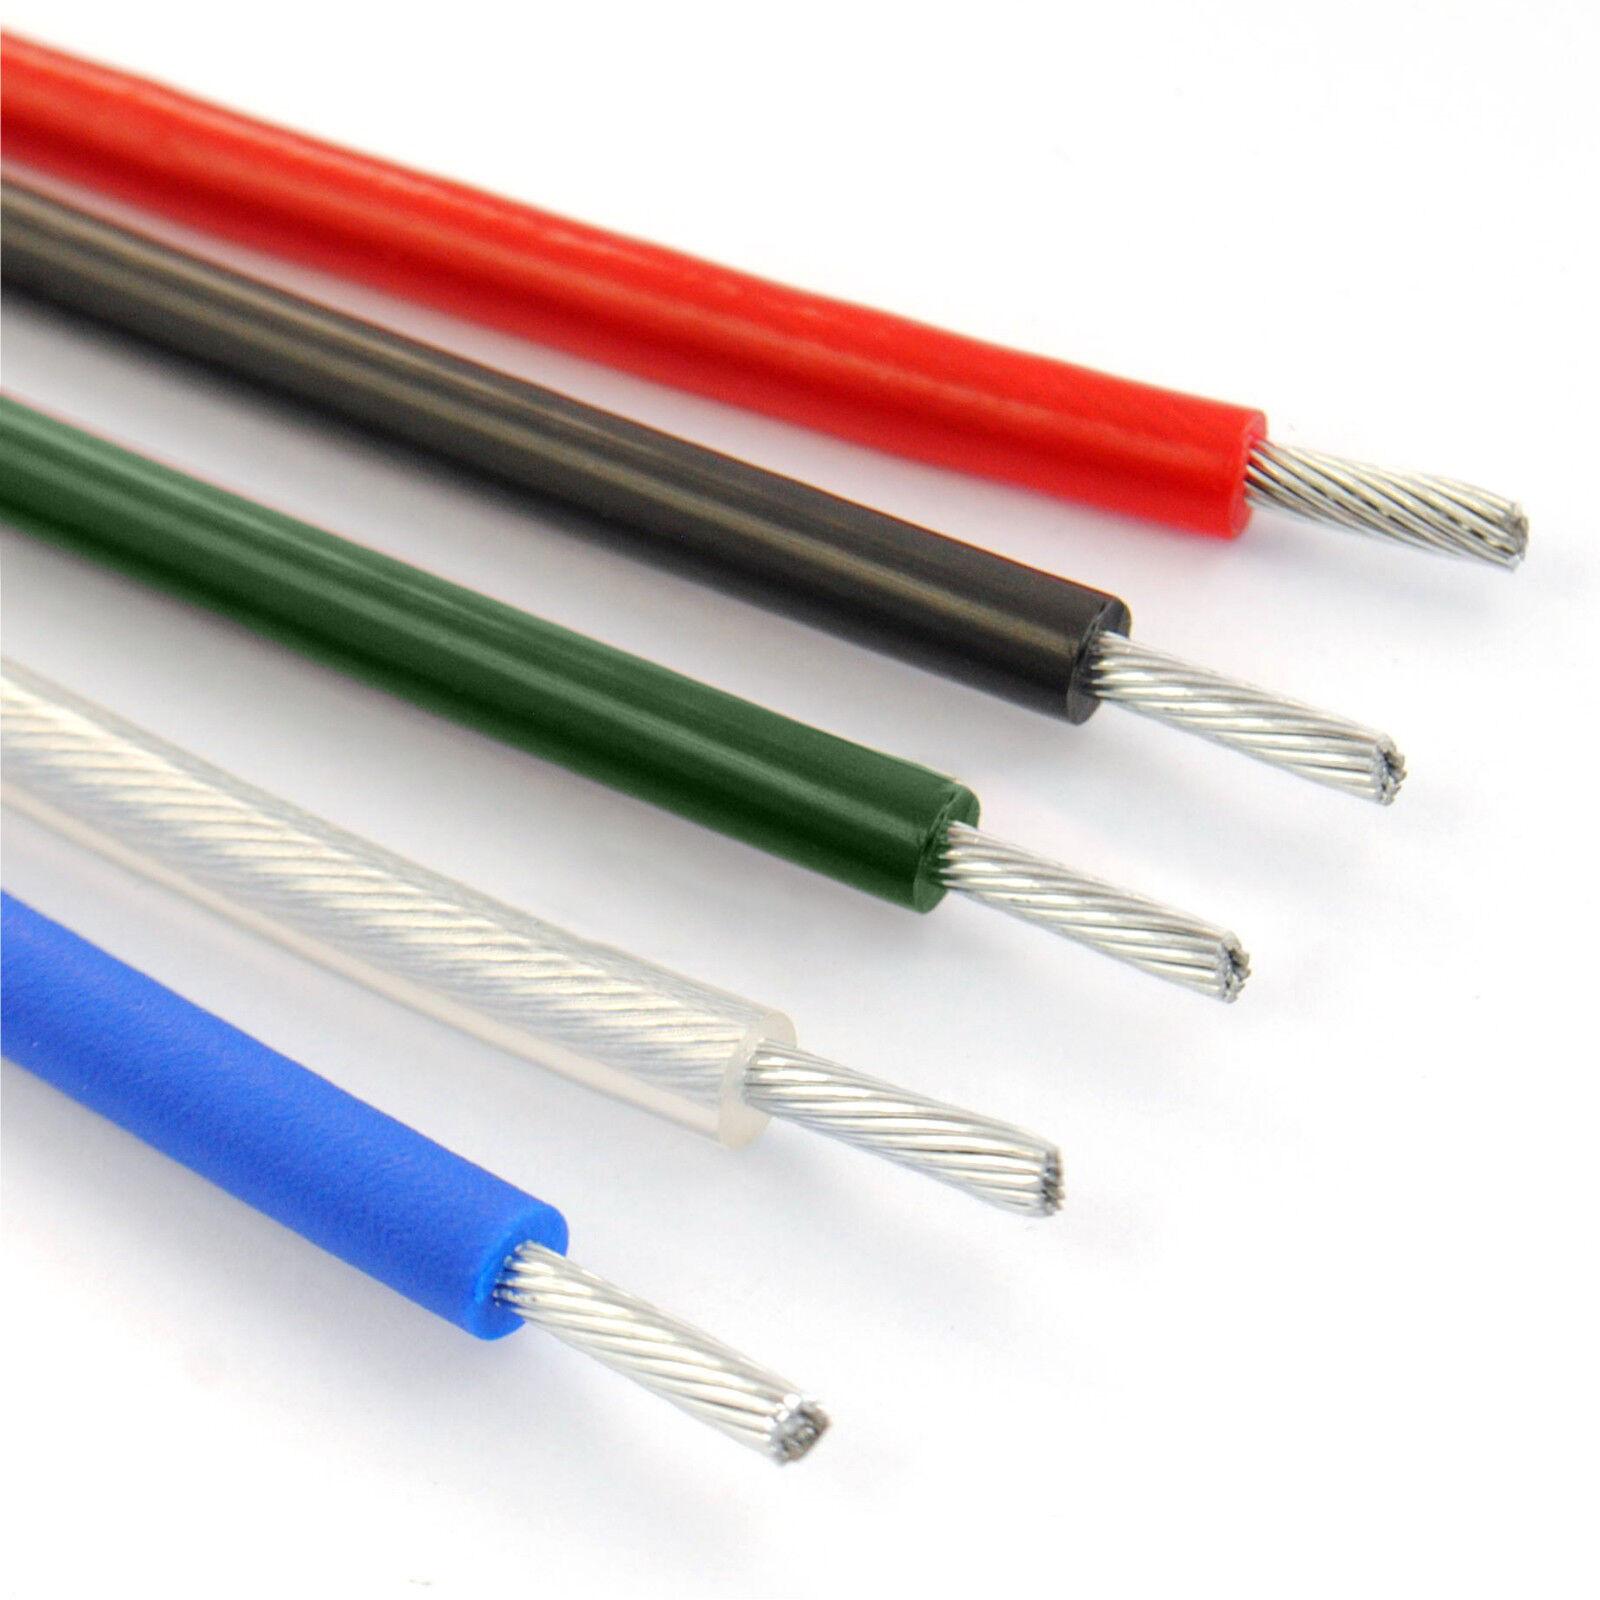 6x19 DRAHTSEIL IN PVC VERZINKT Strang verbinden Strick Stahl galvanisiertes